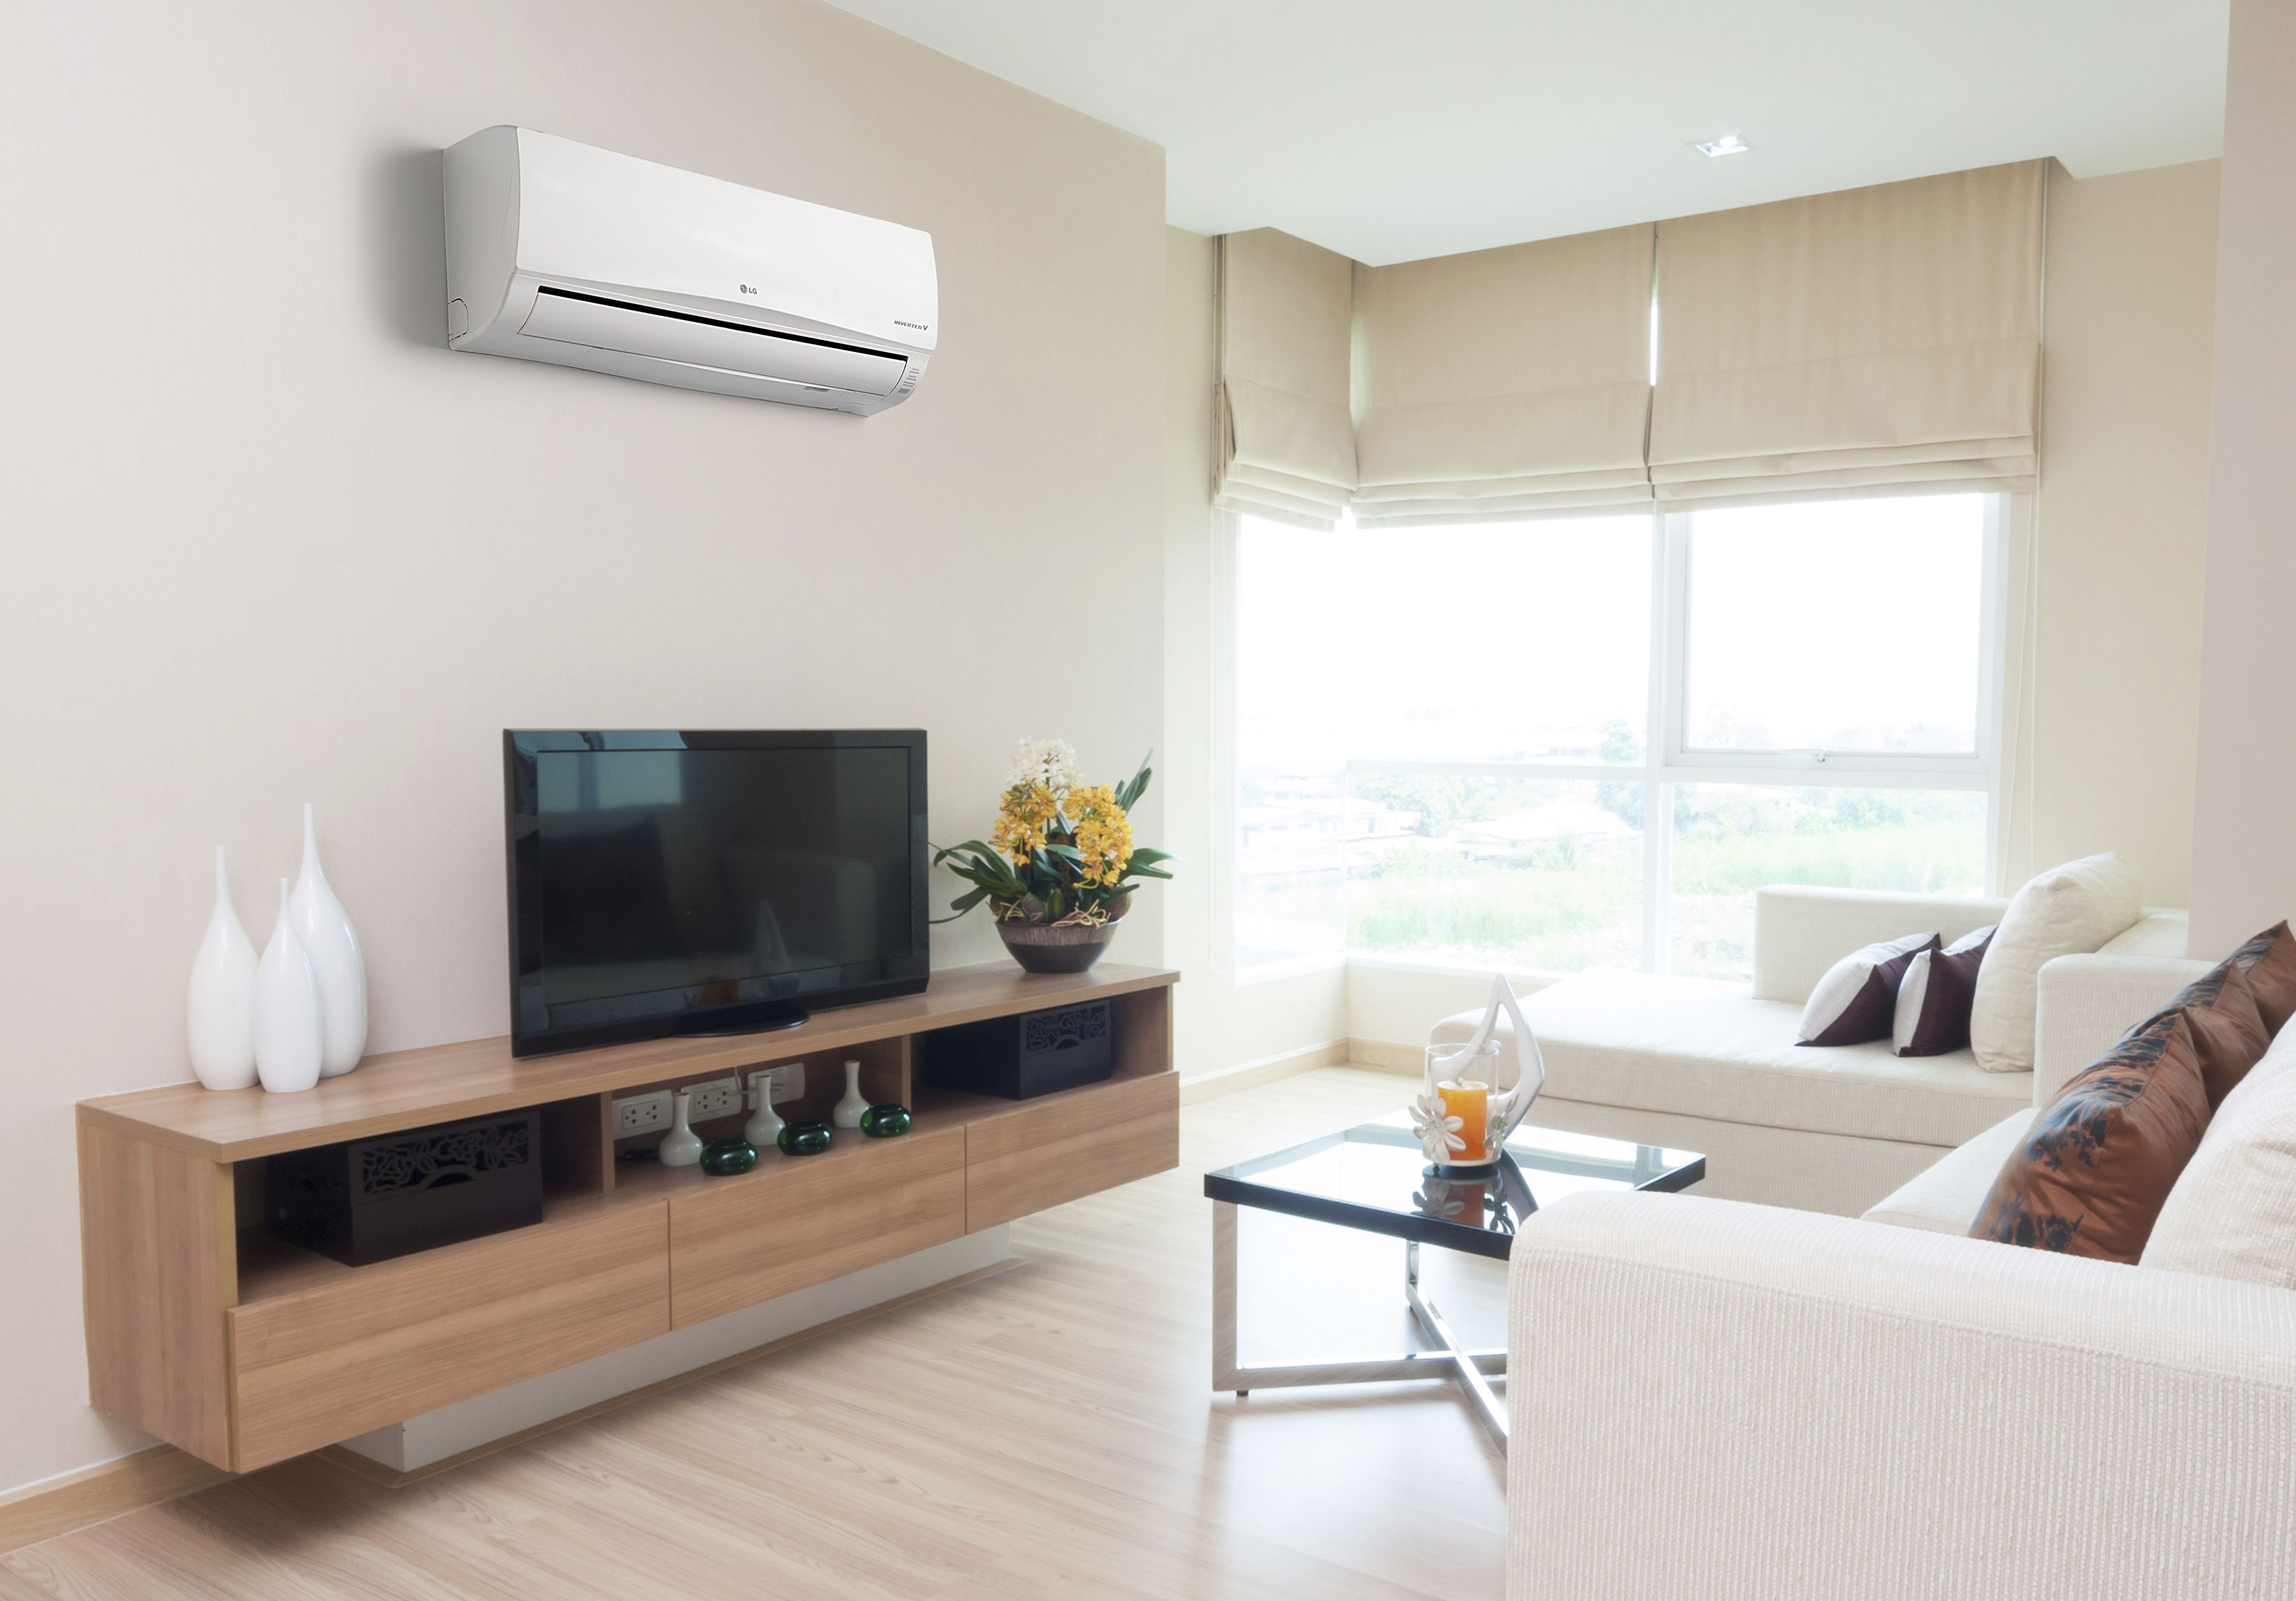 Refresca cualquier espacio de tu hogar con minisplits de